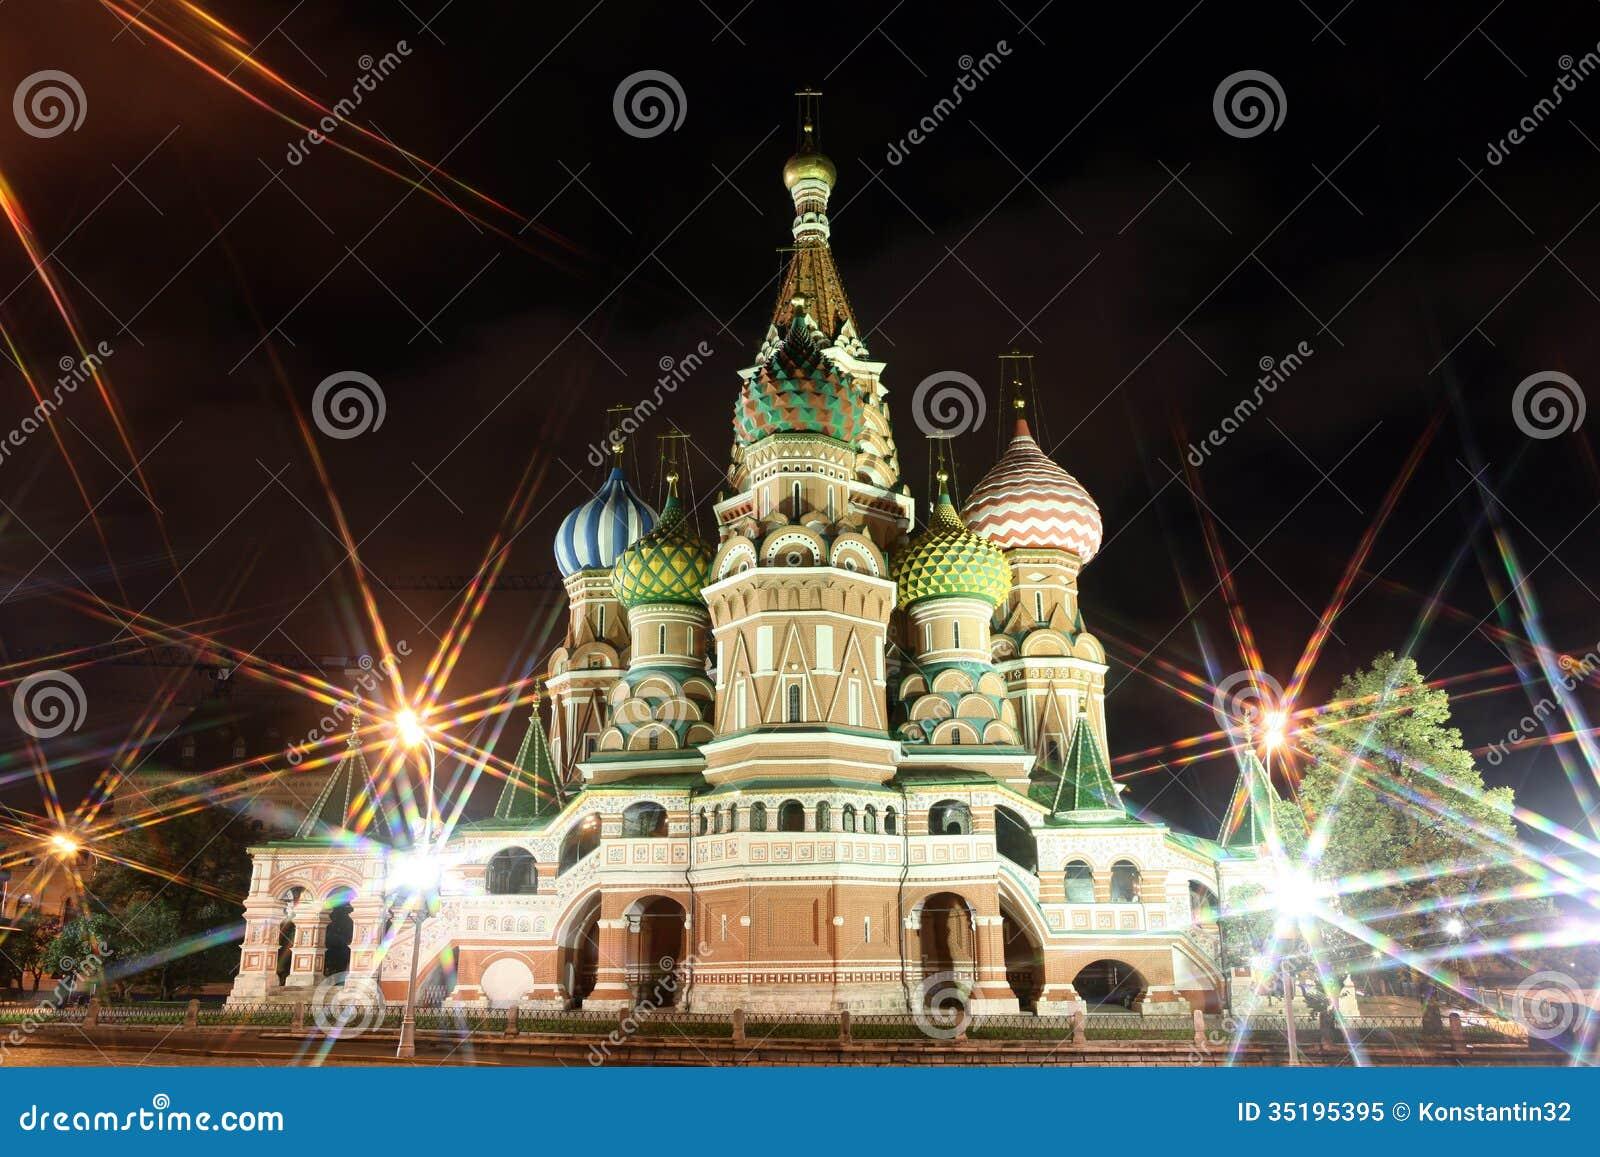 Nachtansicht von Fürbitte-Kathedralen-St.-Basilikum durch Strahlen O